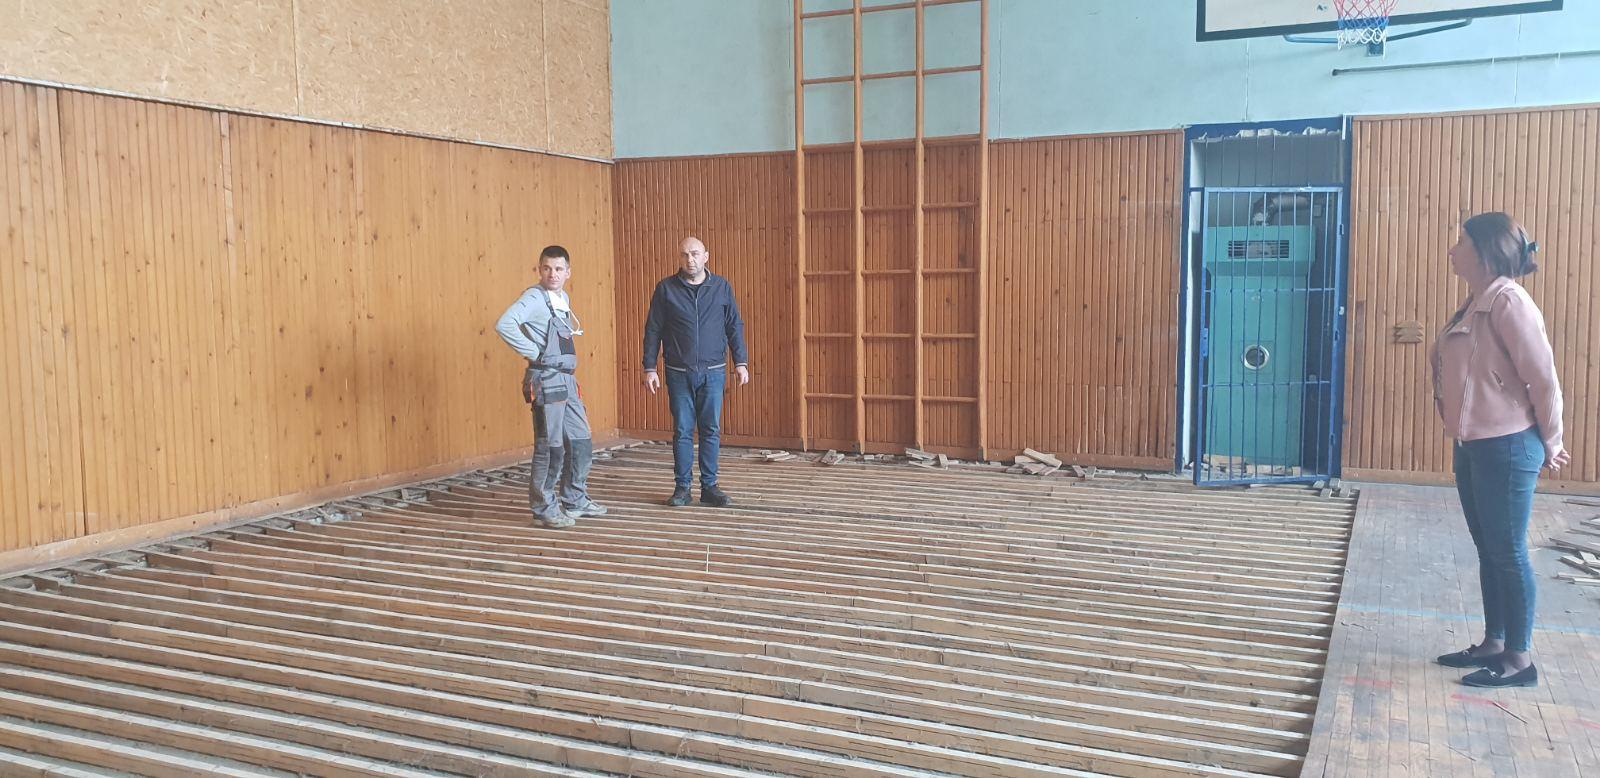 Ştiri, Nicolinț, repararea pardoselei în sala de educație fizică